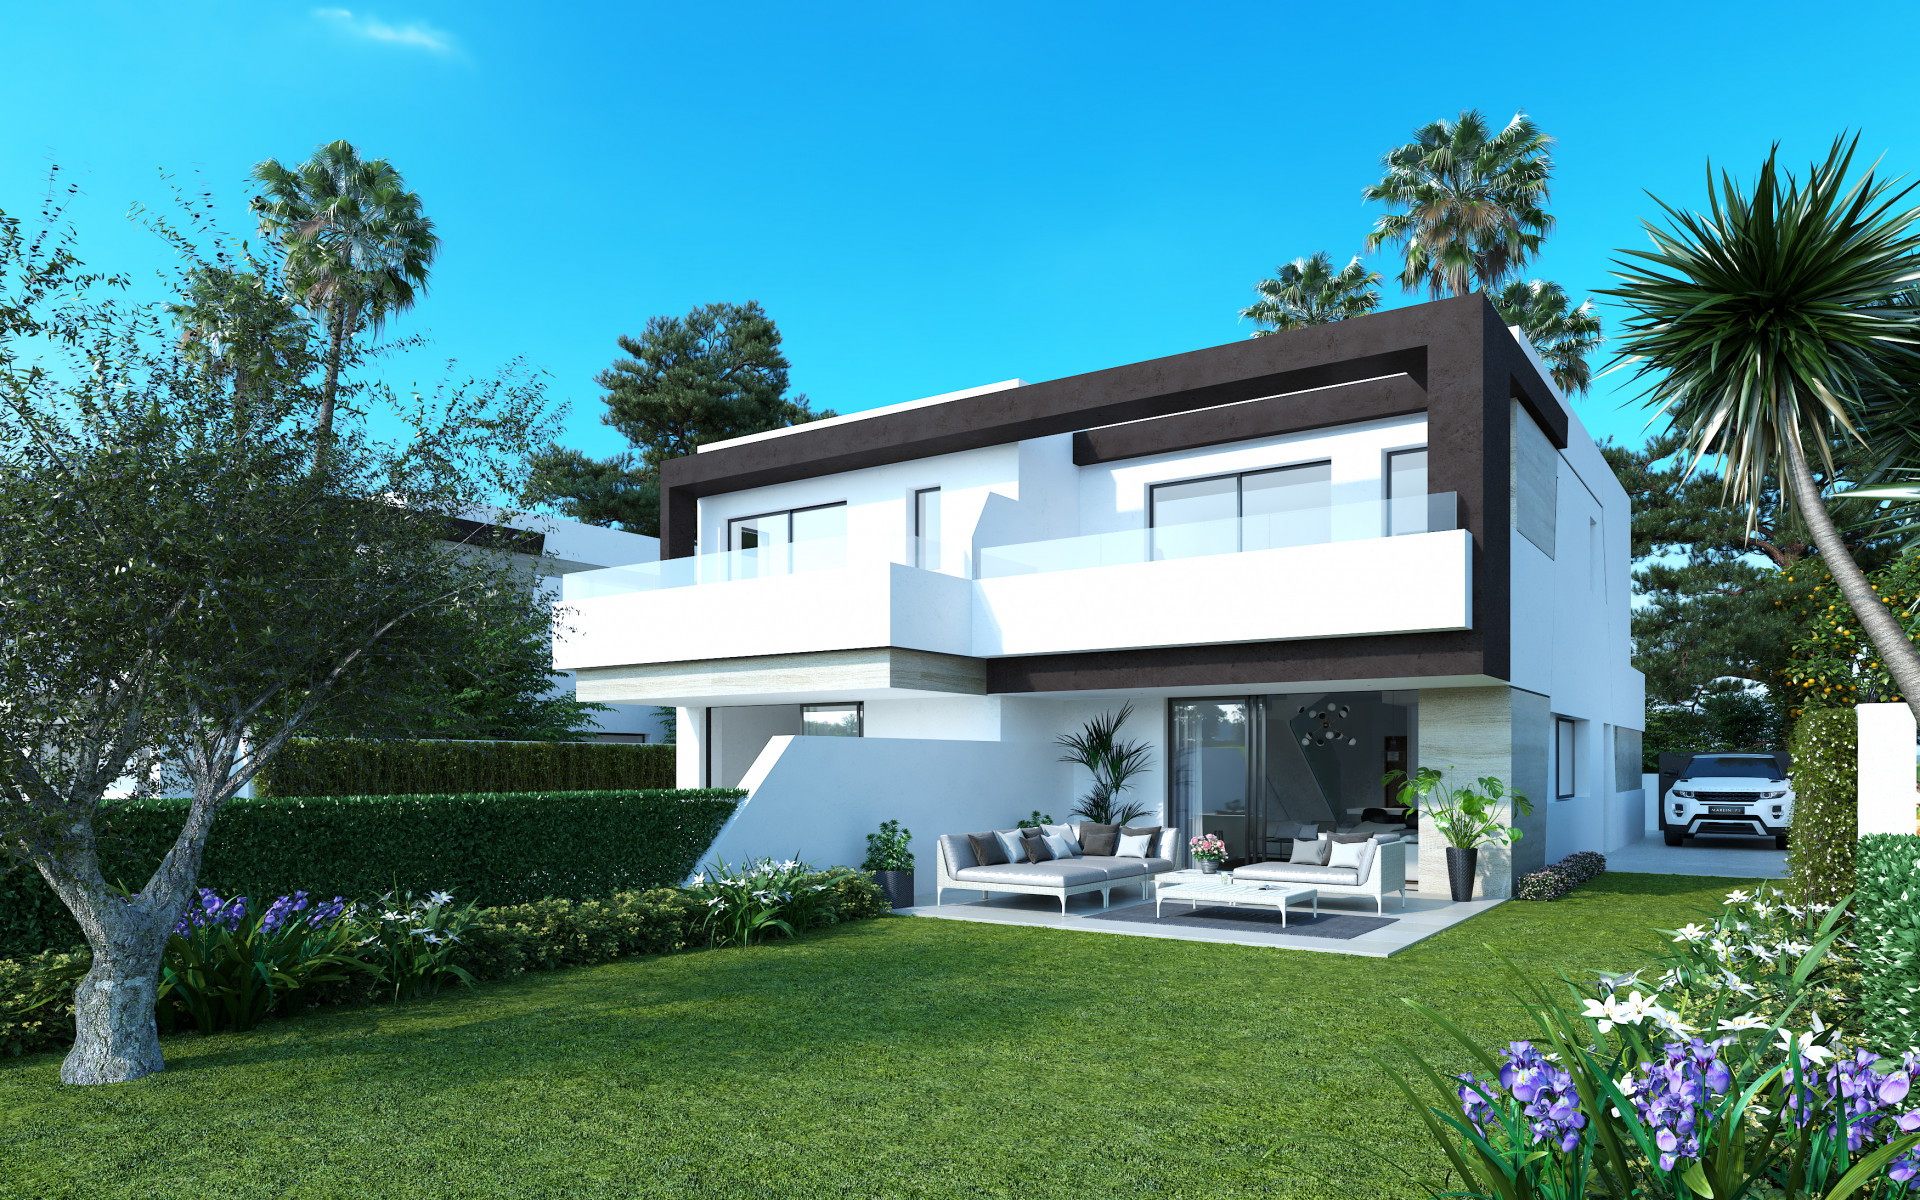 Image Property ae16da73-f729-4f35-89cf-0aeef03b09f4.jpg